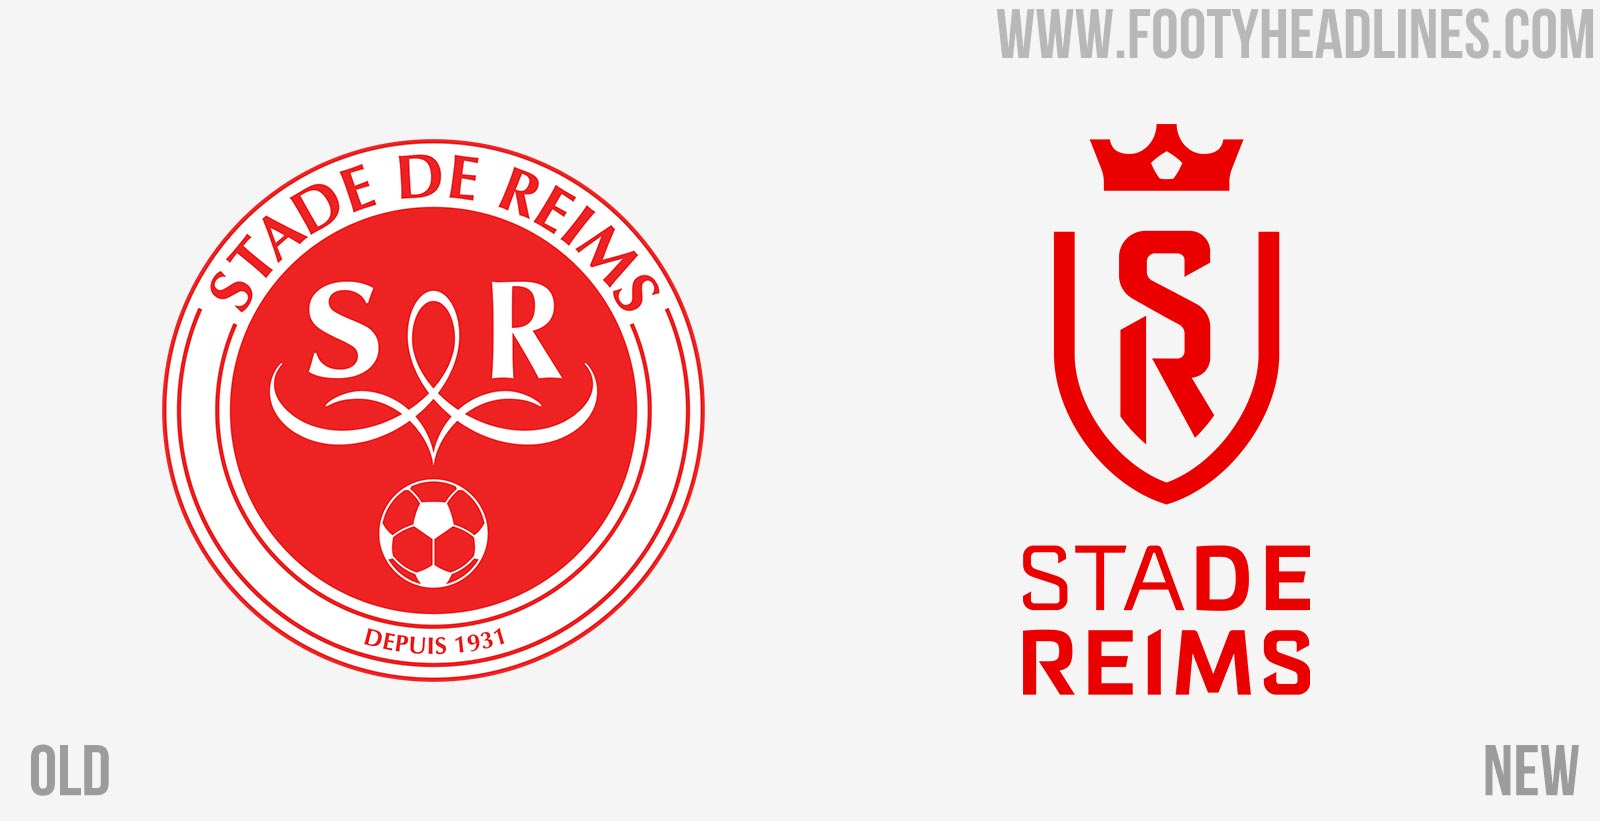 stade-reims-logo-1.jpg